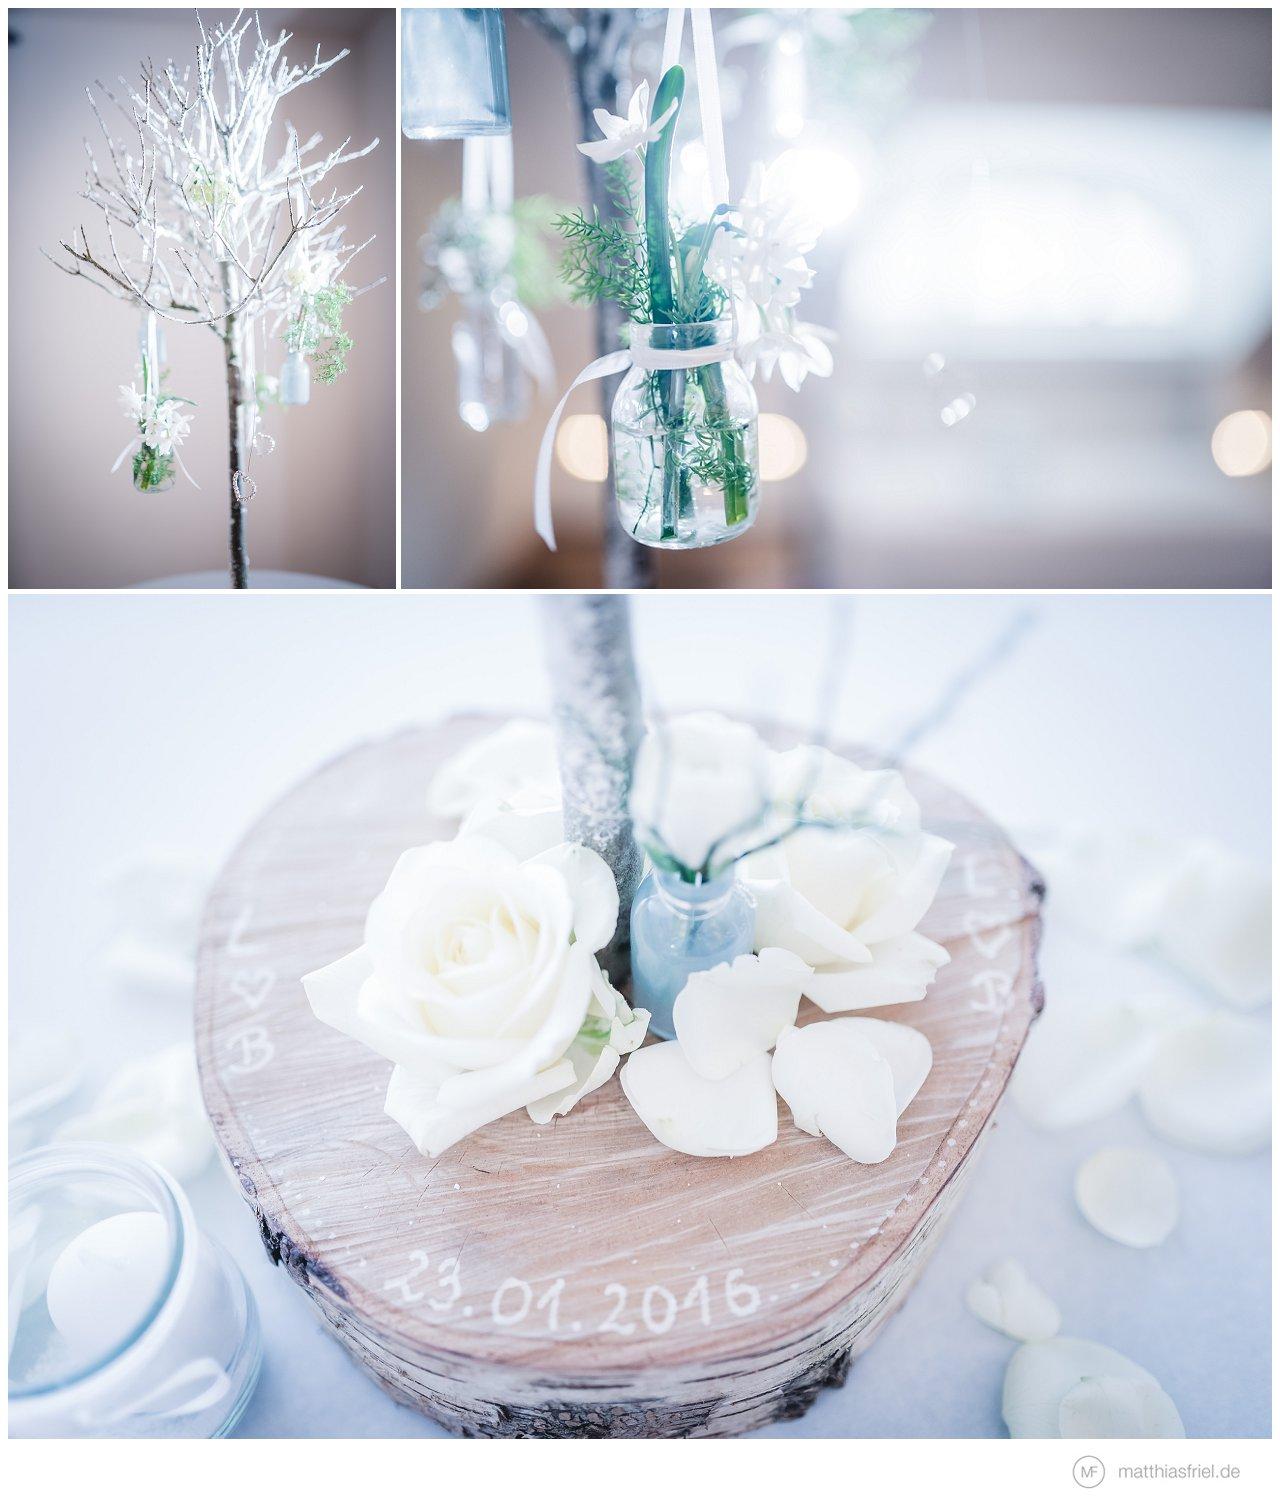 Winterwonderland-Hochzeit-Schnee-Hasenwinkel-winter_0004